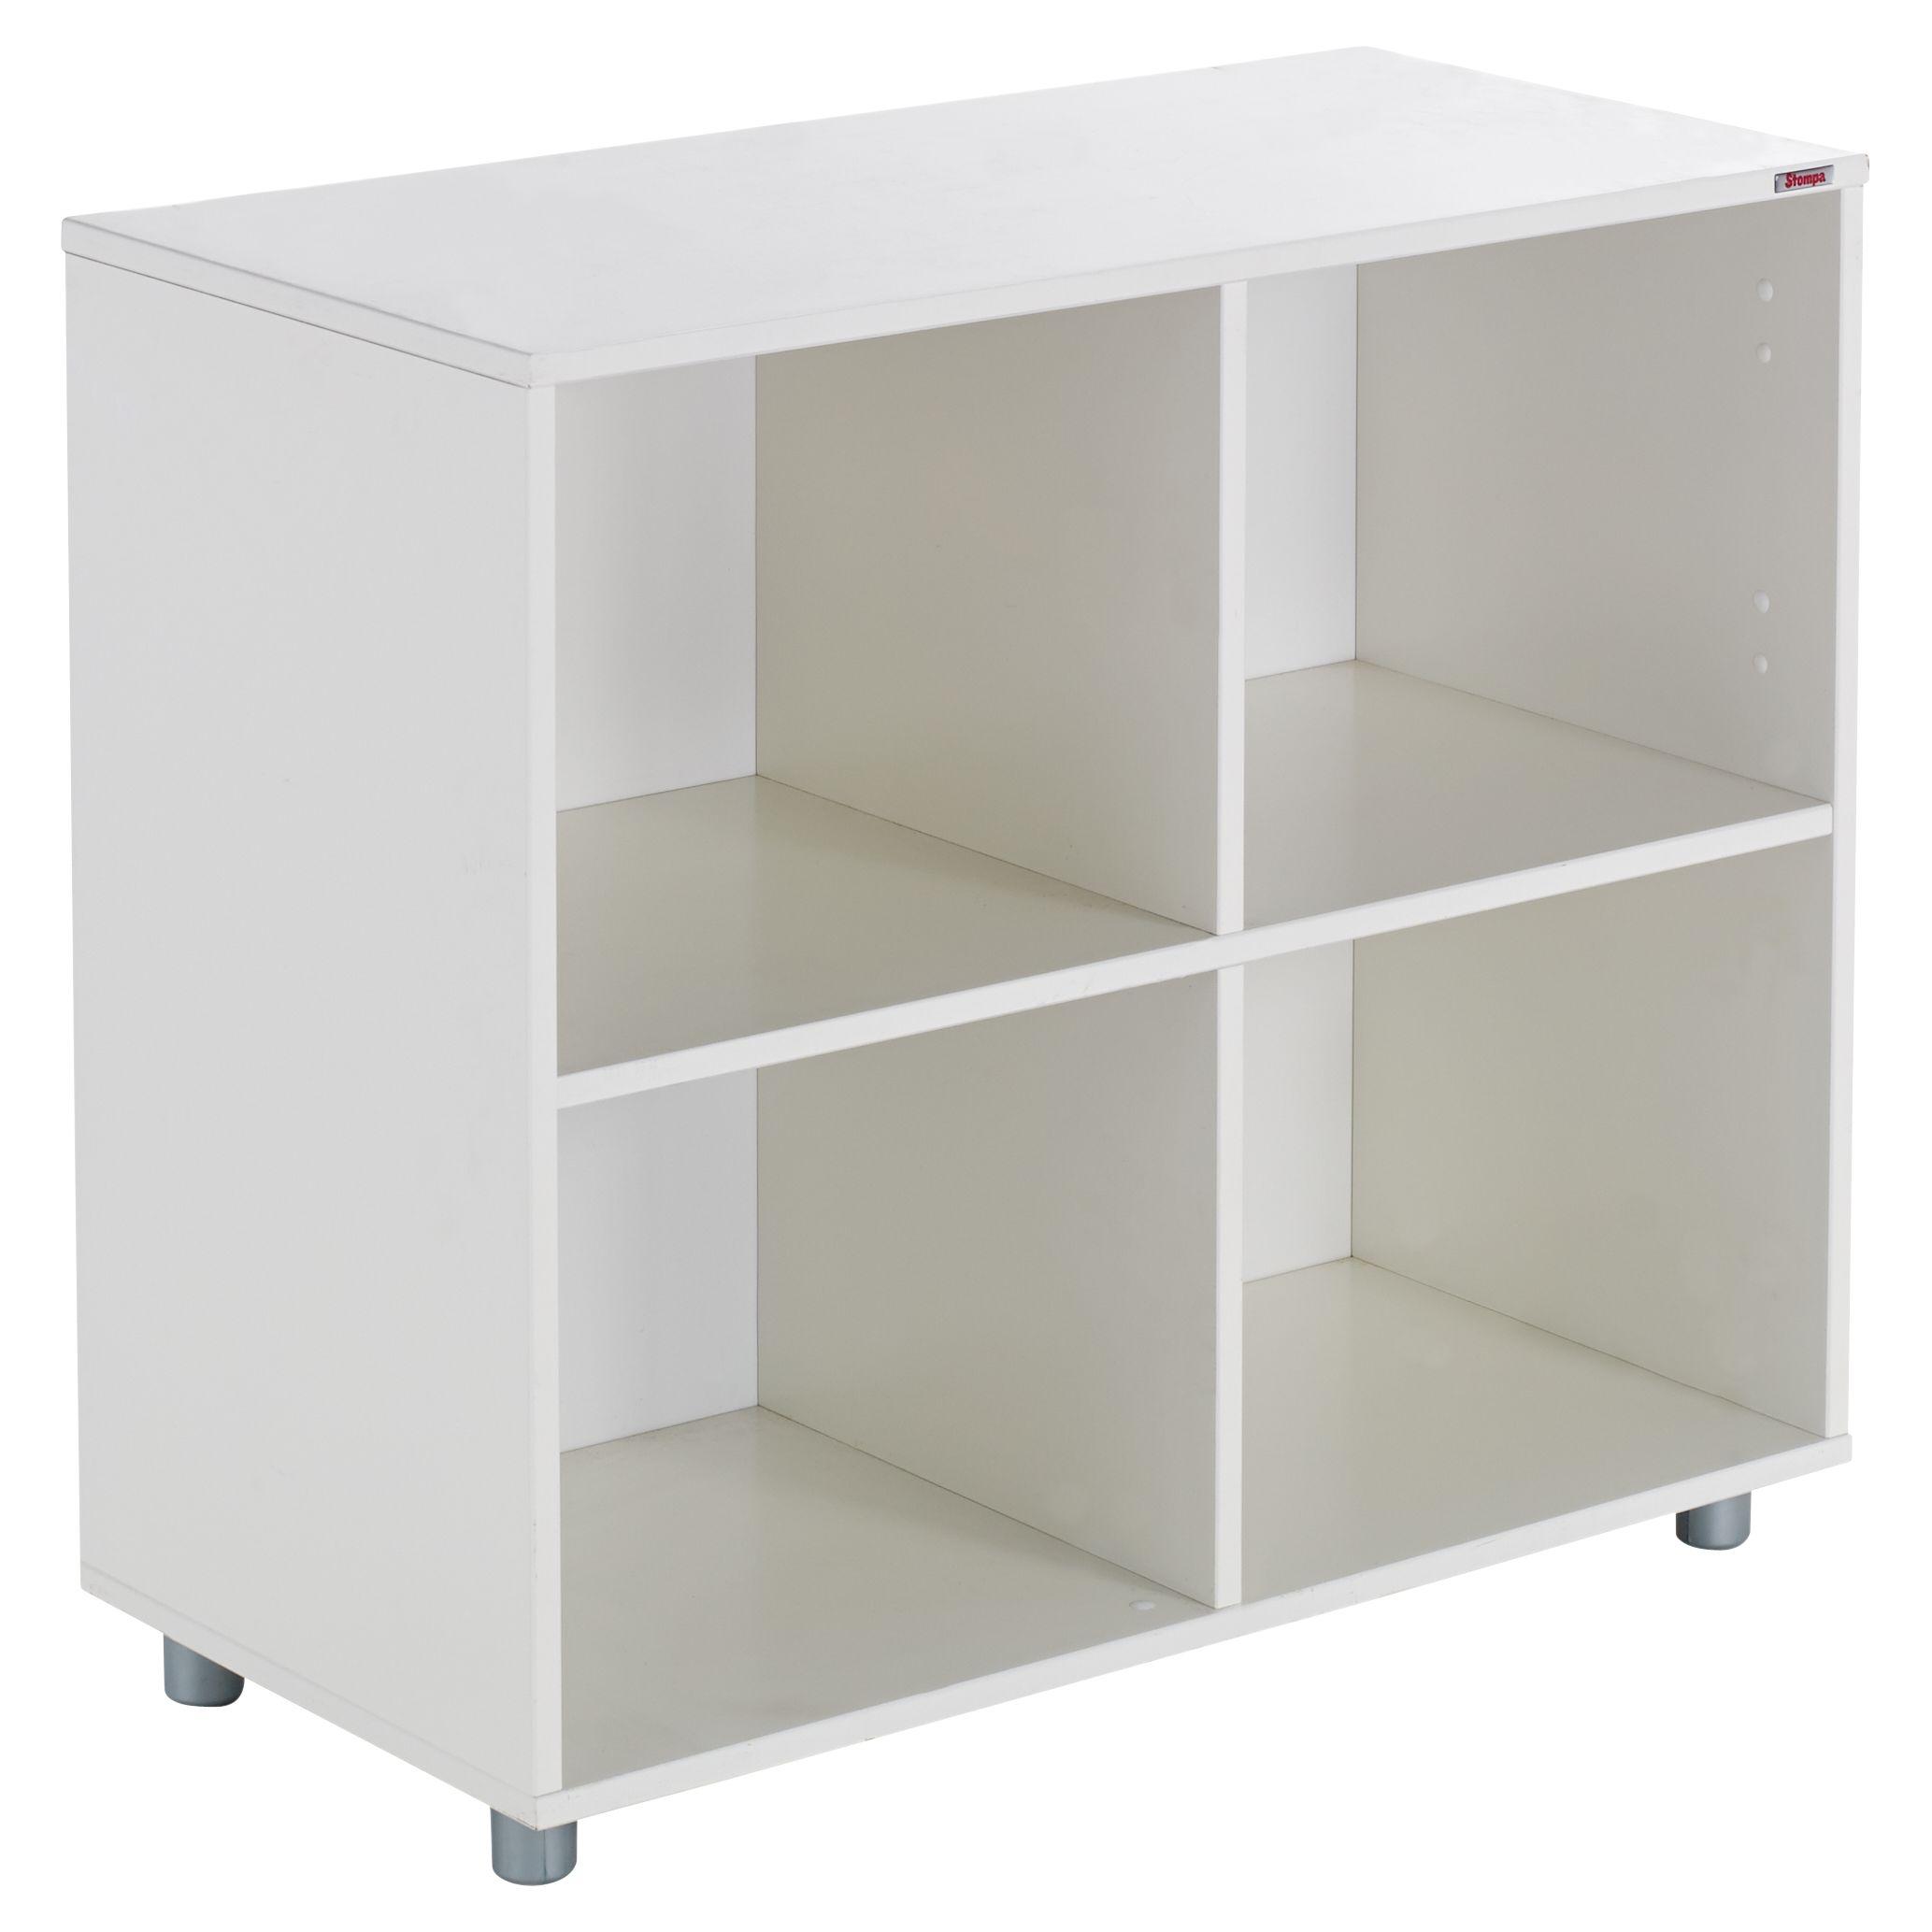 Stompa Stompa Uno S Plus Multi Cube, White